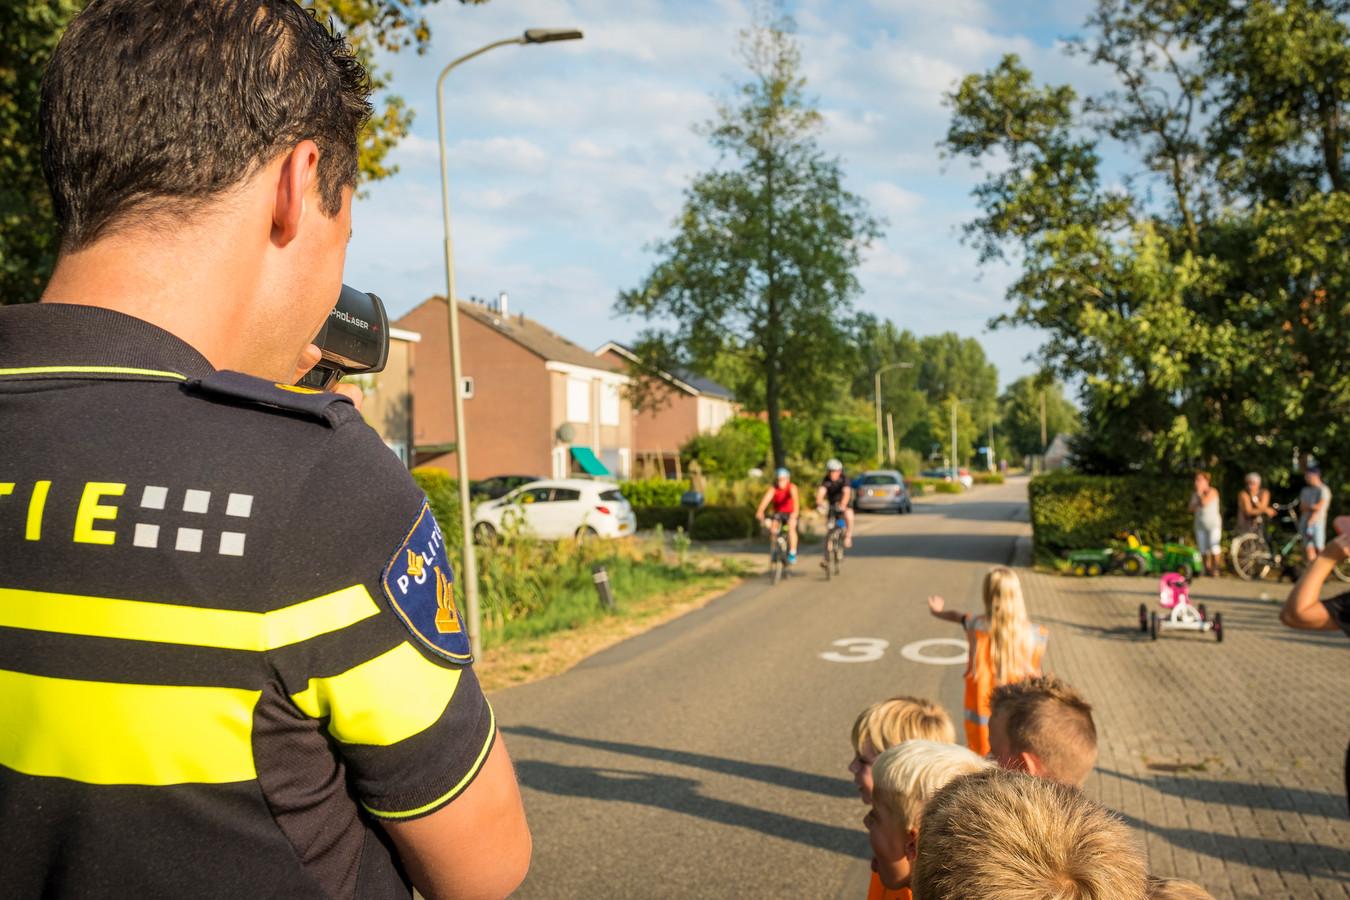 Wielrenners werden woensdagavond geflitst in Noordeinde.